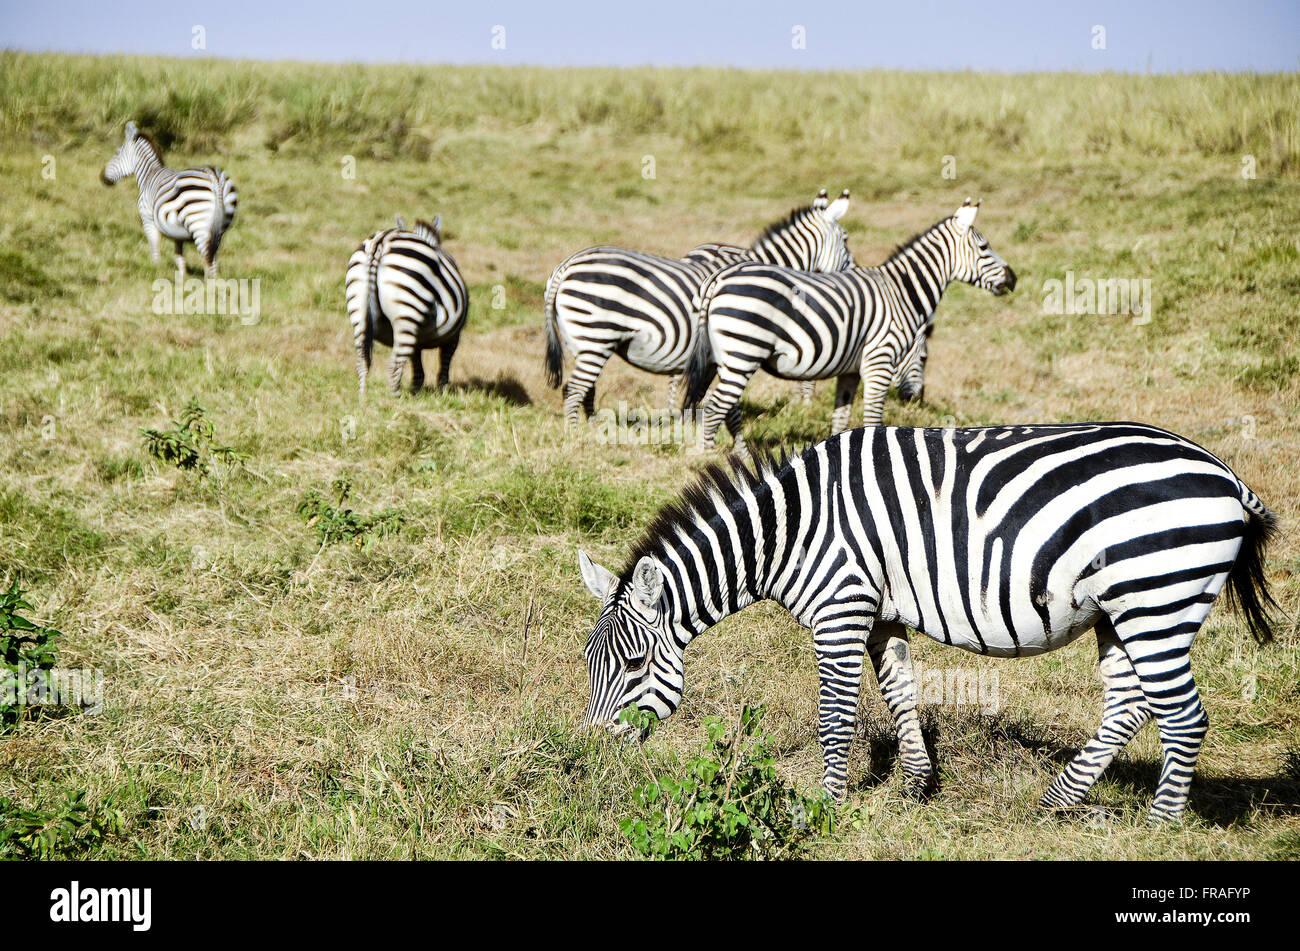 Zebras in Amboseli National Park - Stock Image